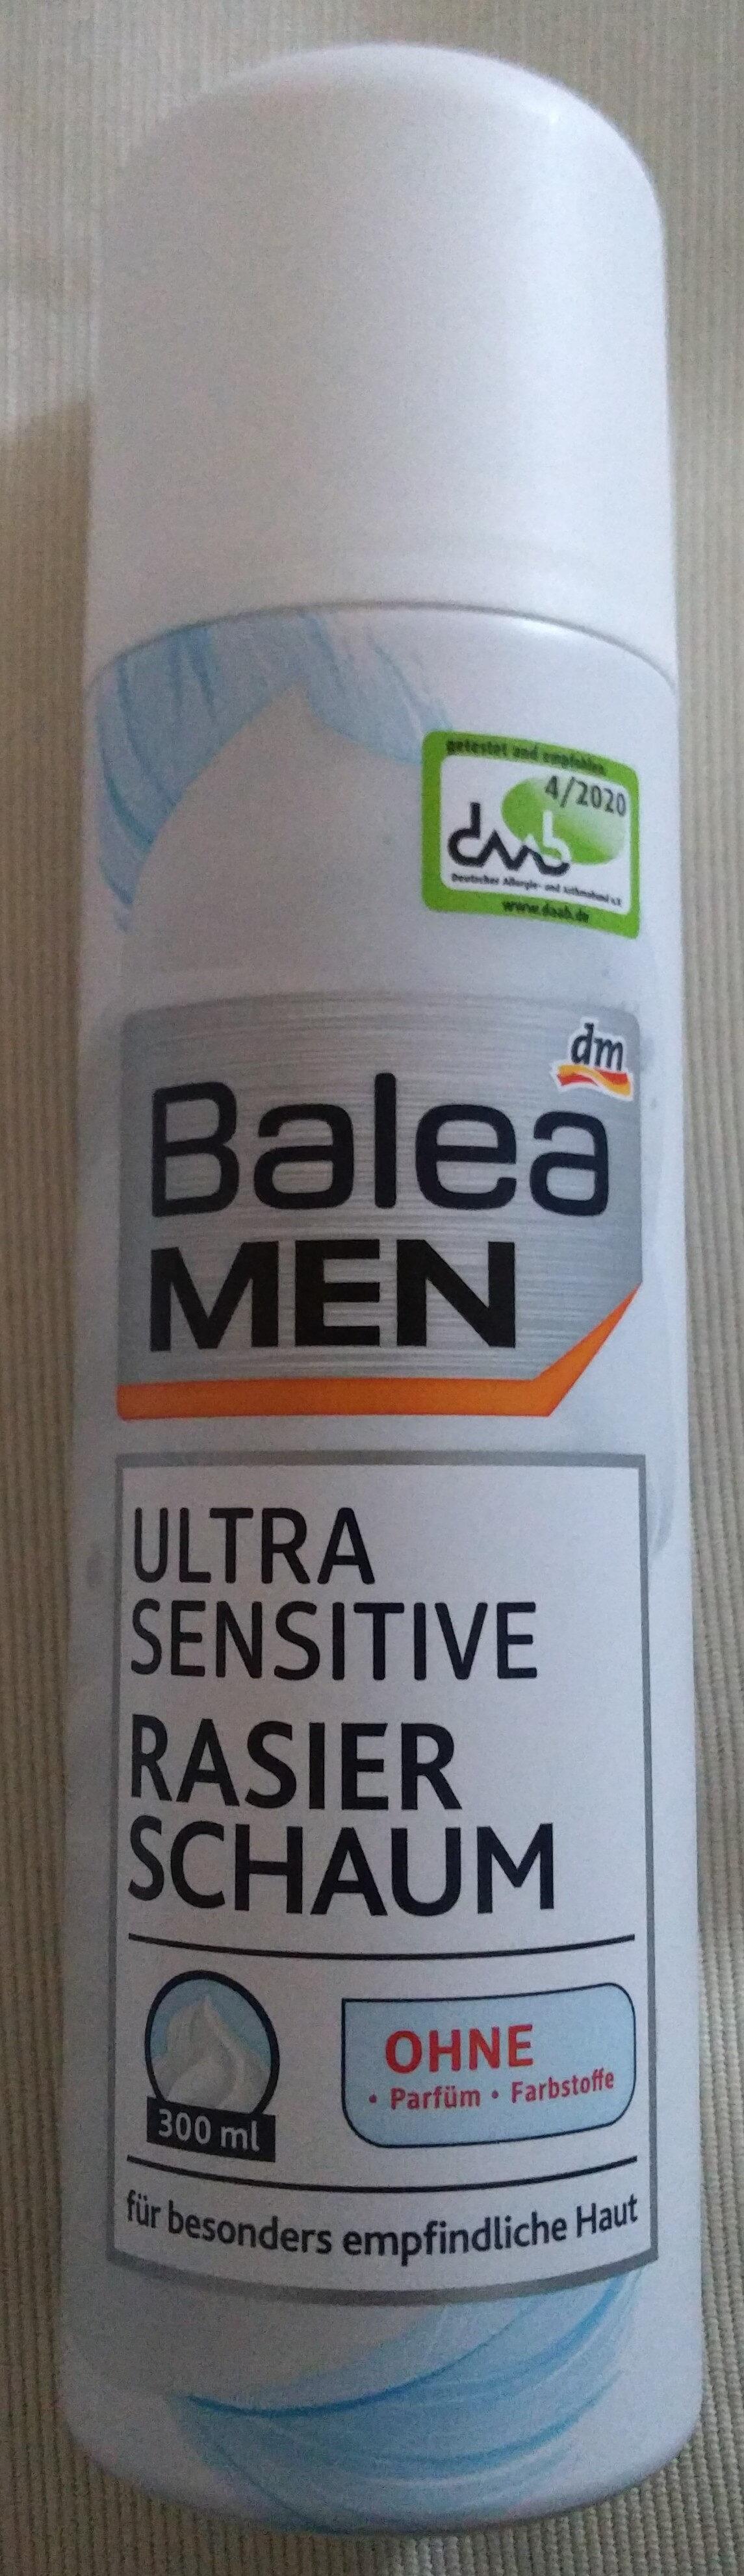 Ultra Sensitive Rasierschaum - Produit - de